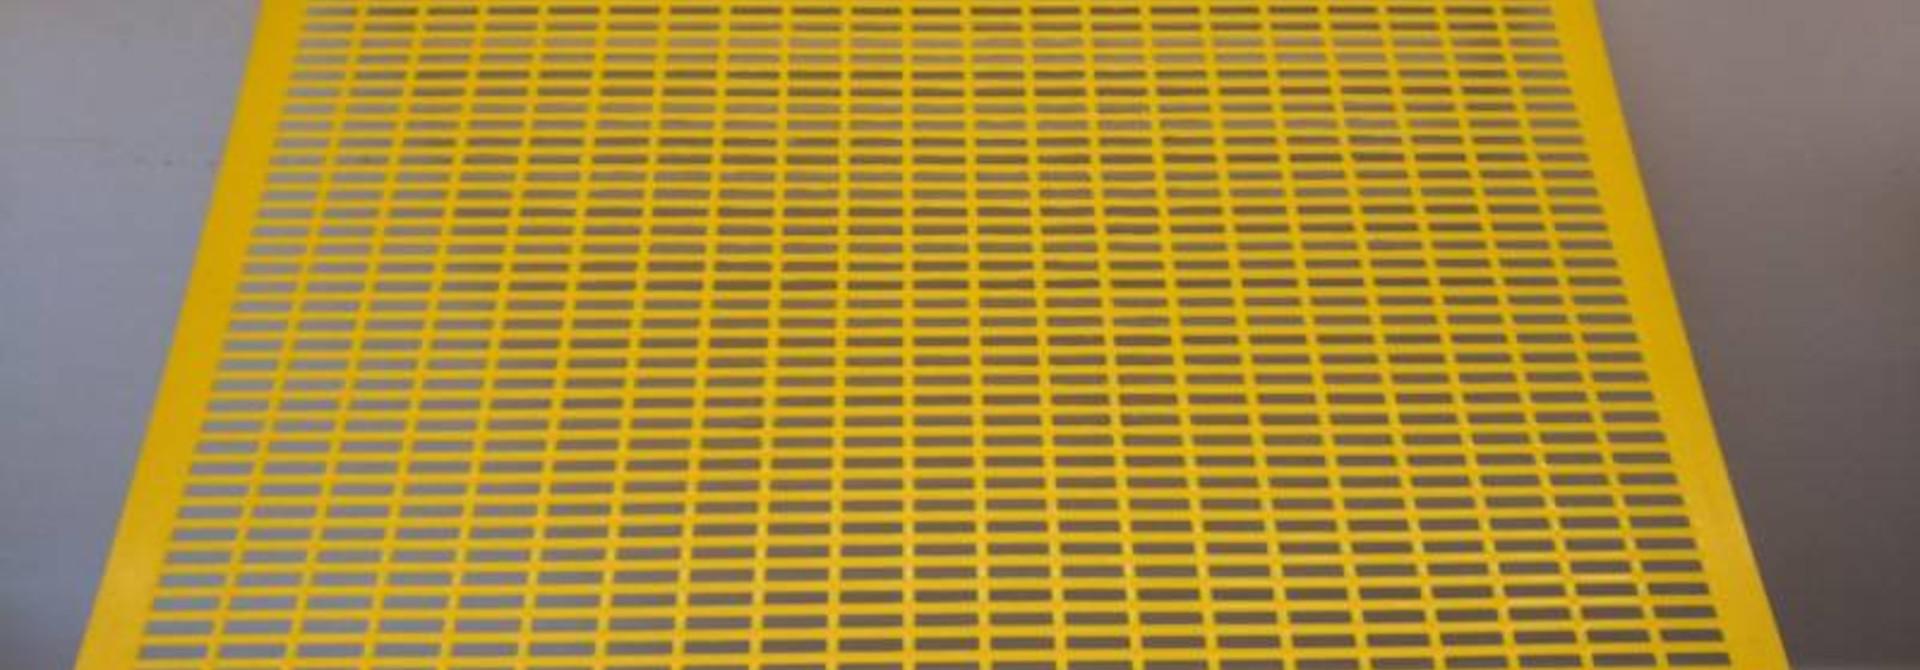 PVC koninginnerooster 420 x 500 mm